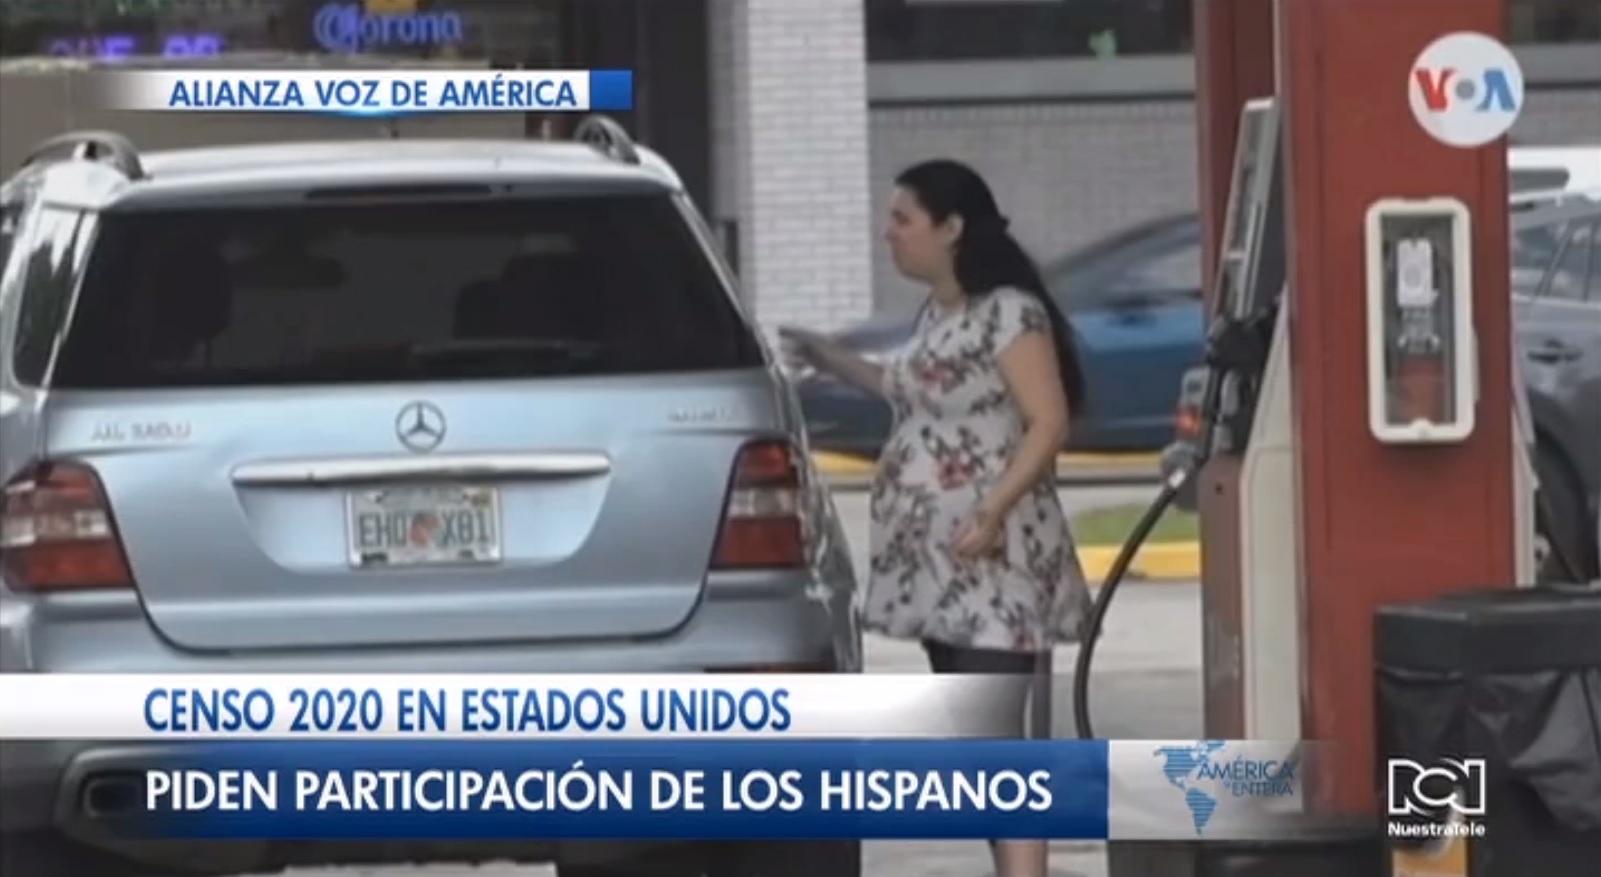 Organizaciones pro-inmigrantes invitan a los hispanos a participar en el censo 2020 en Estados Unidos